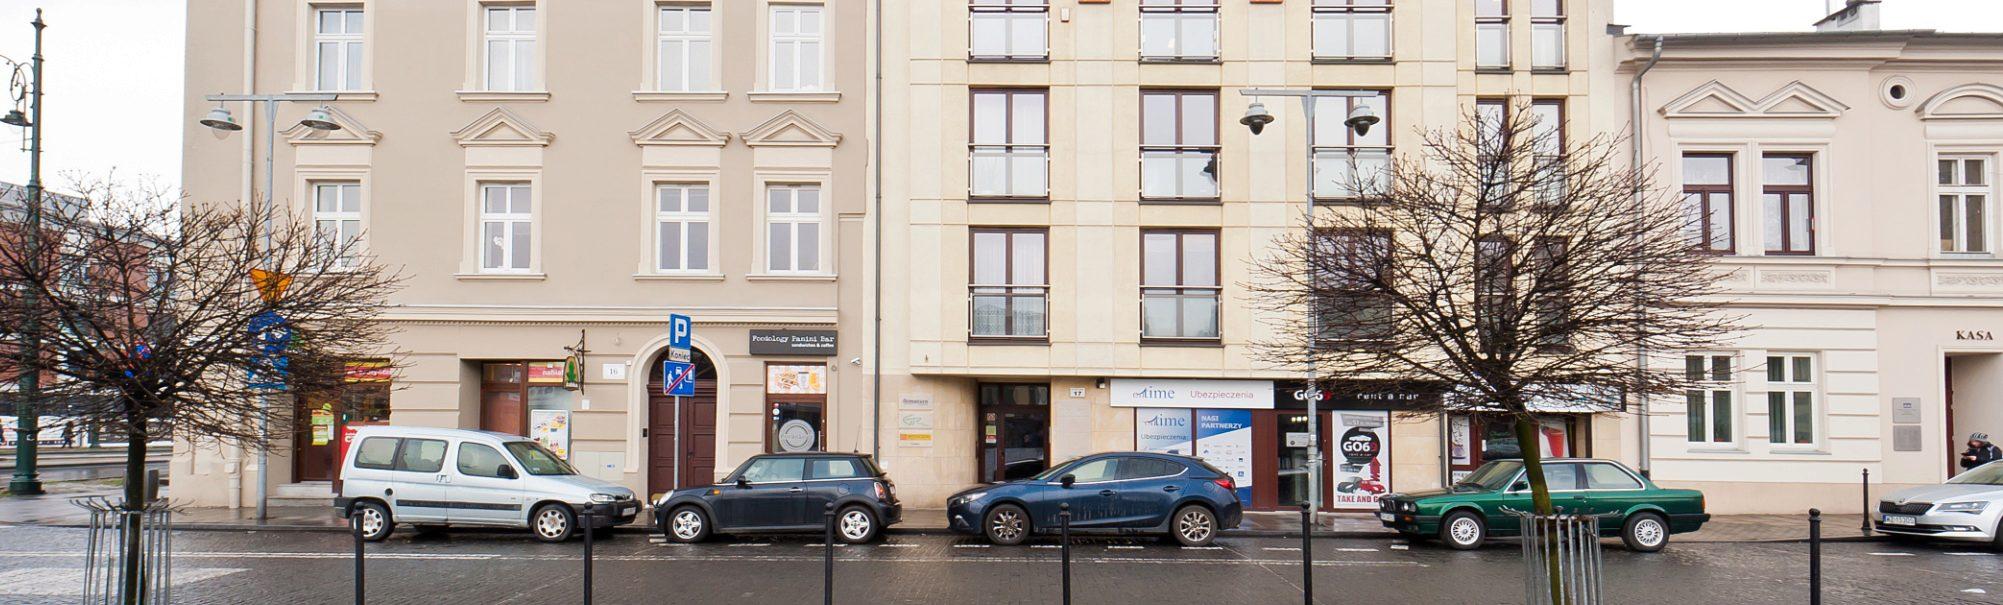 Apartamenty w miastach